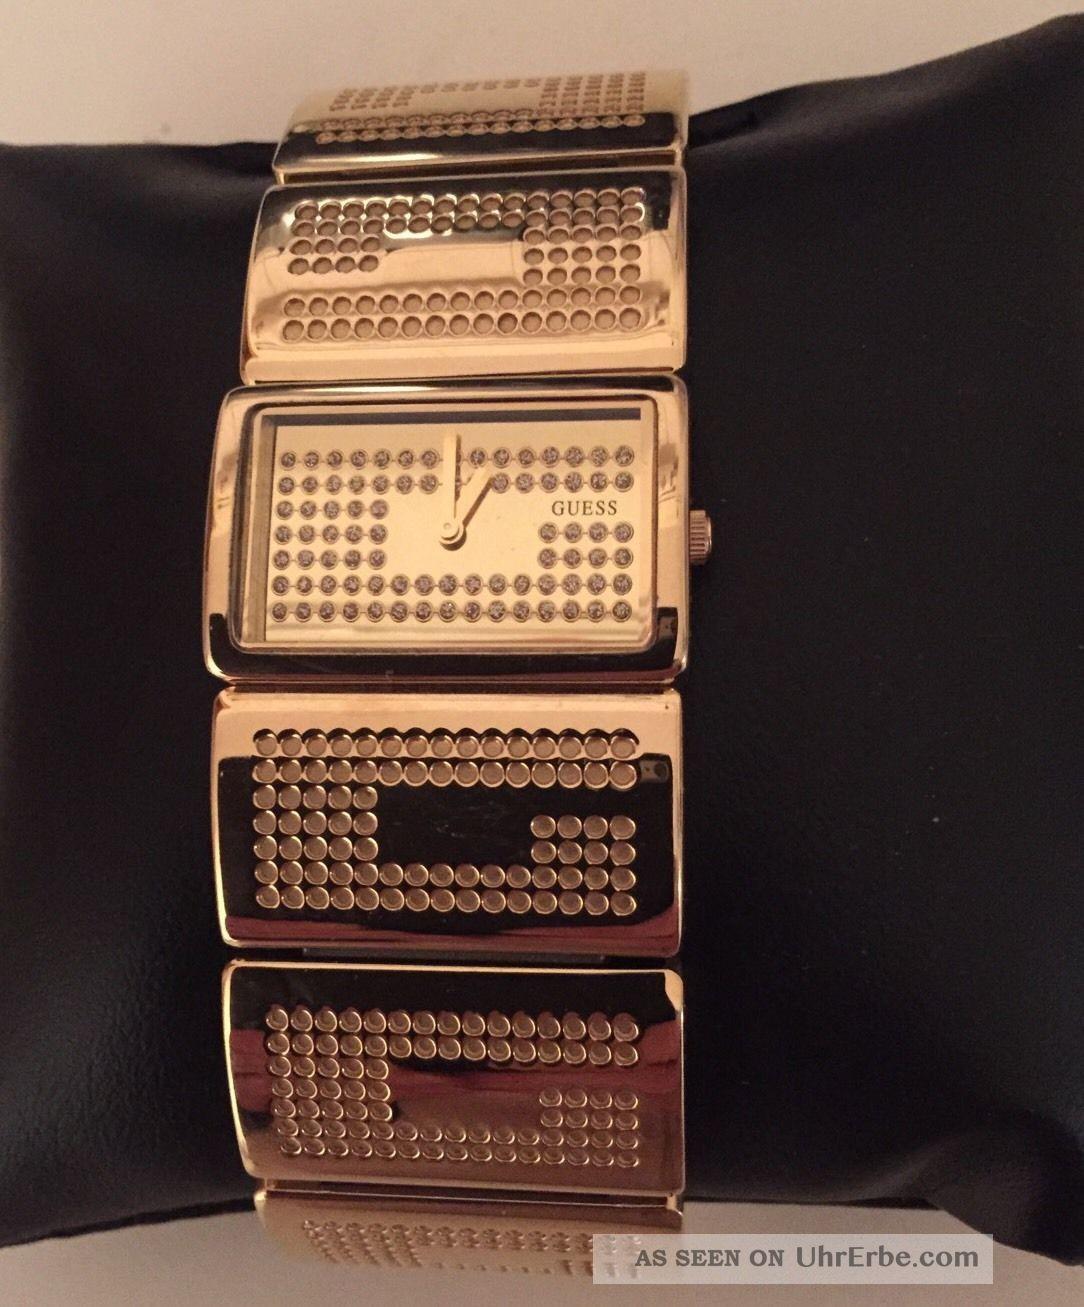 Guess Vergoldete Edelstahl Armbanduhr Für Damen G Boss W16548l1 M Strass Np 189€ Armbanduhren Bild